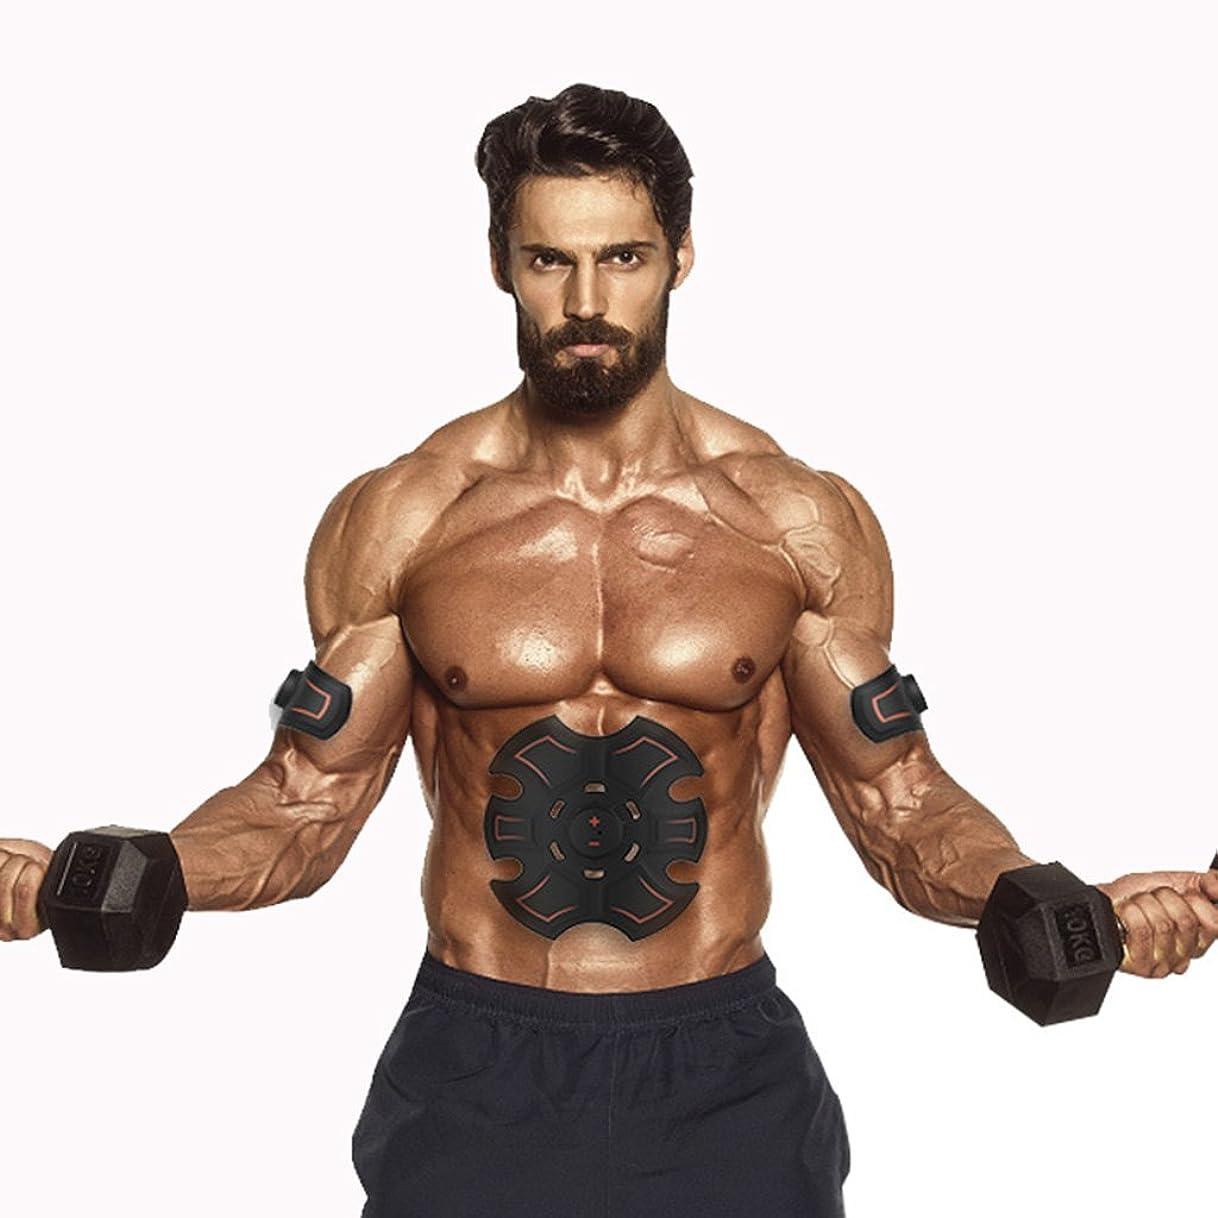 矢印遊び場儀式GBR- 腹部の筋肉Toner?2018腹部の筋肉EMSスマート腹部の腹部の人工物のマッサージャーミニ腹部のステッカー(黒+赤)